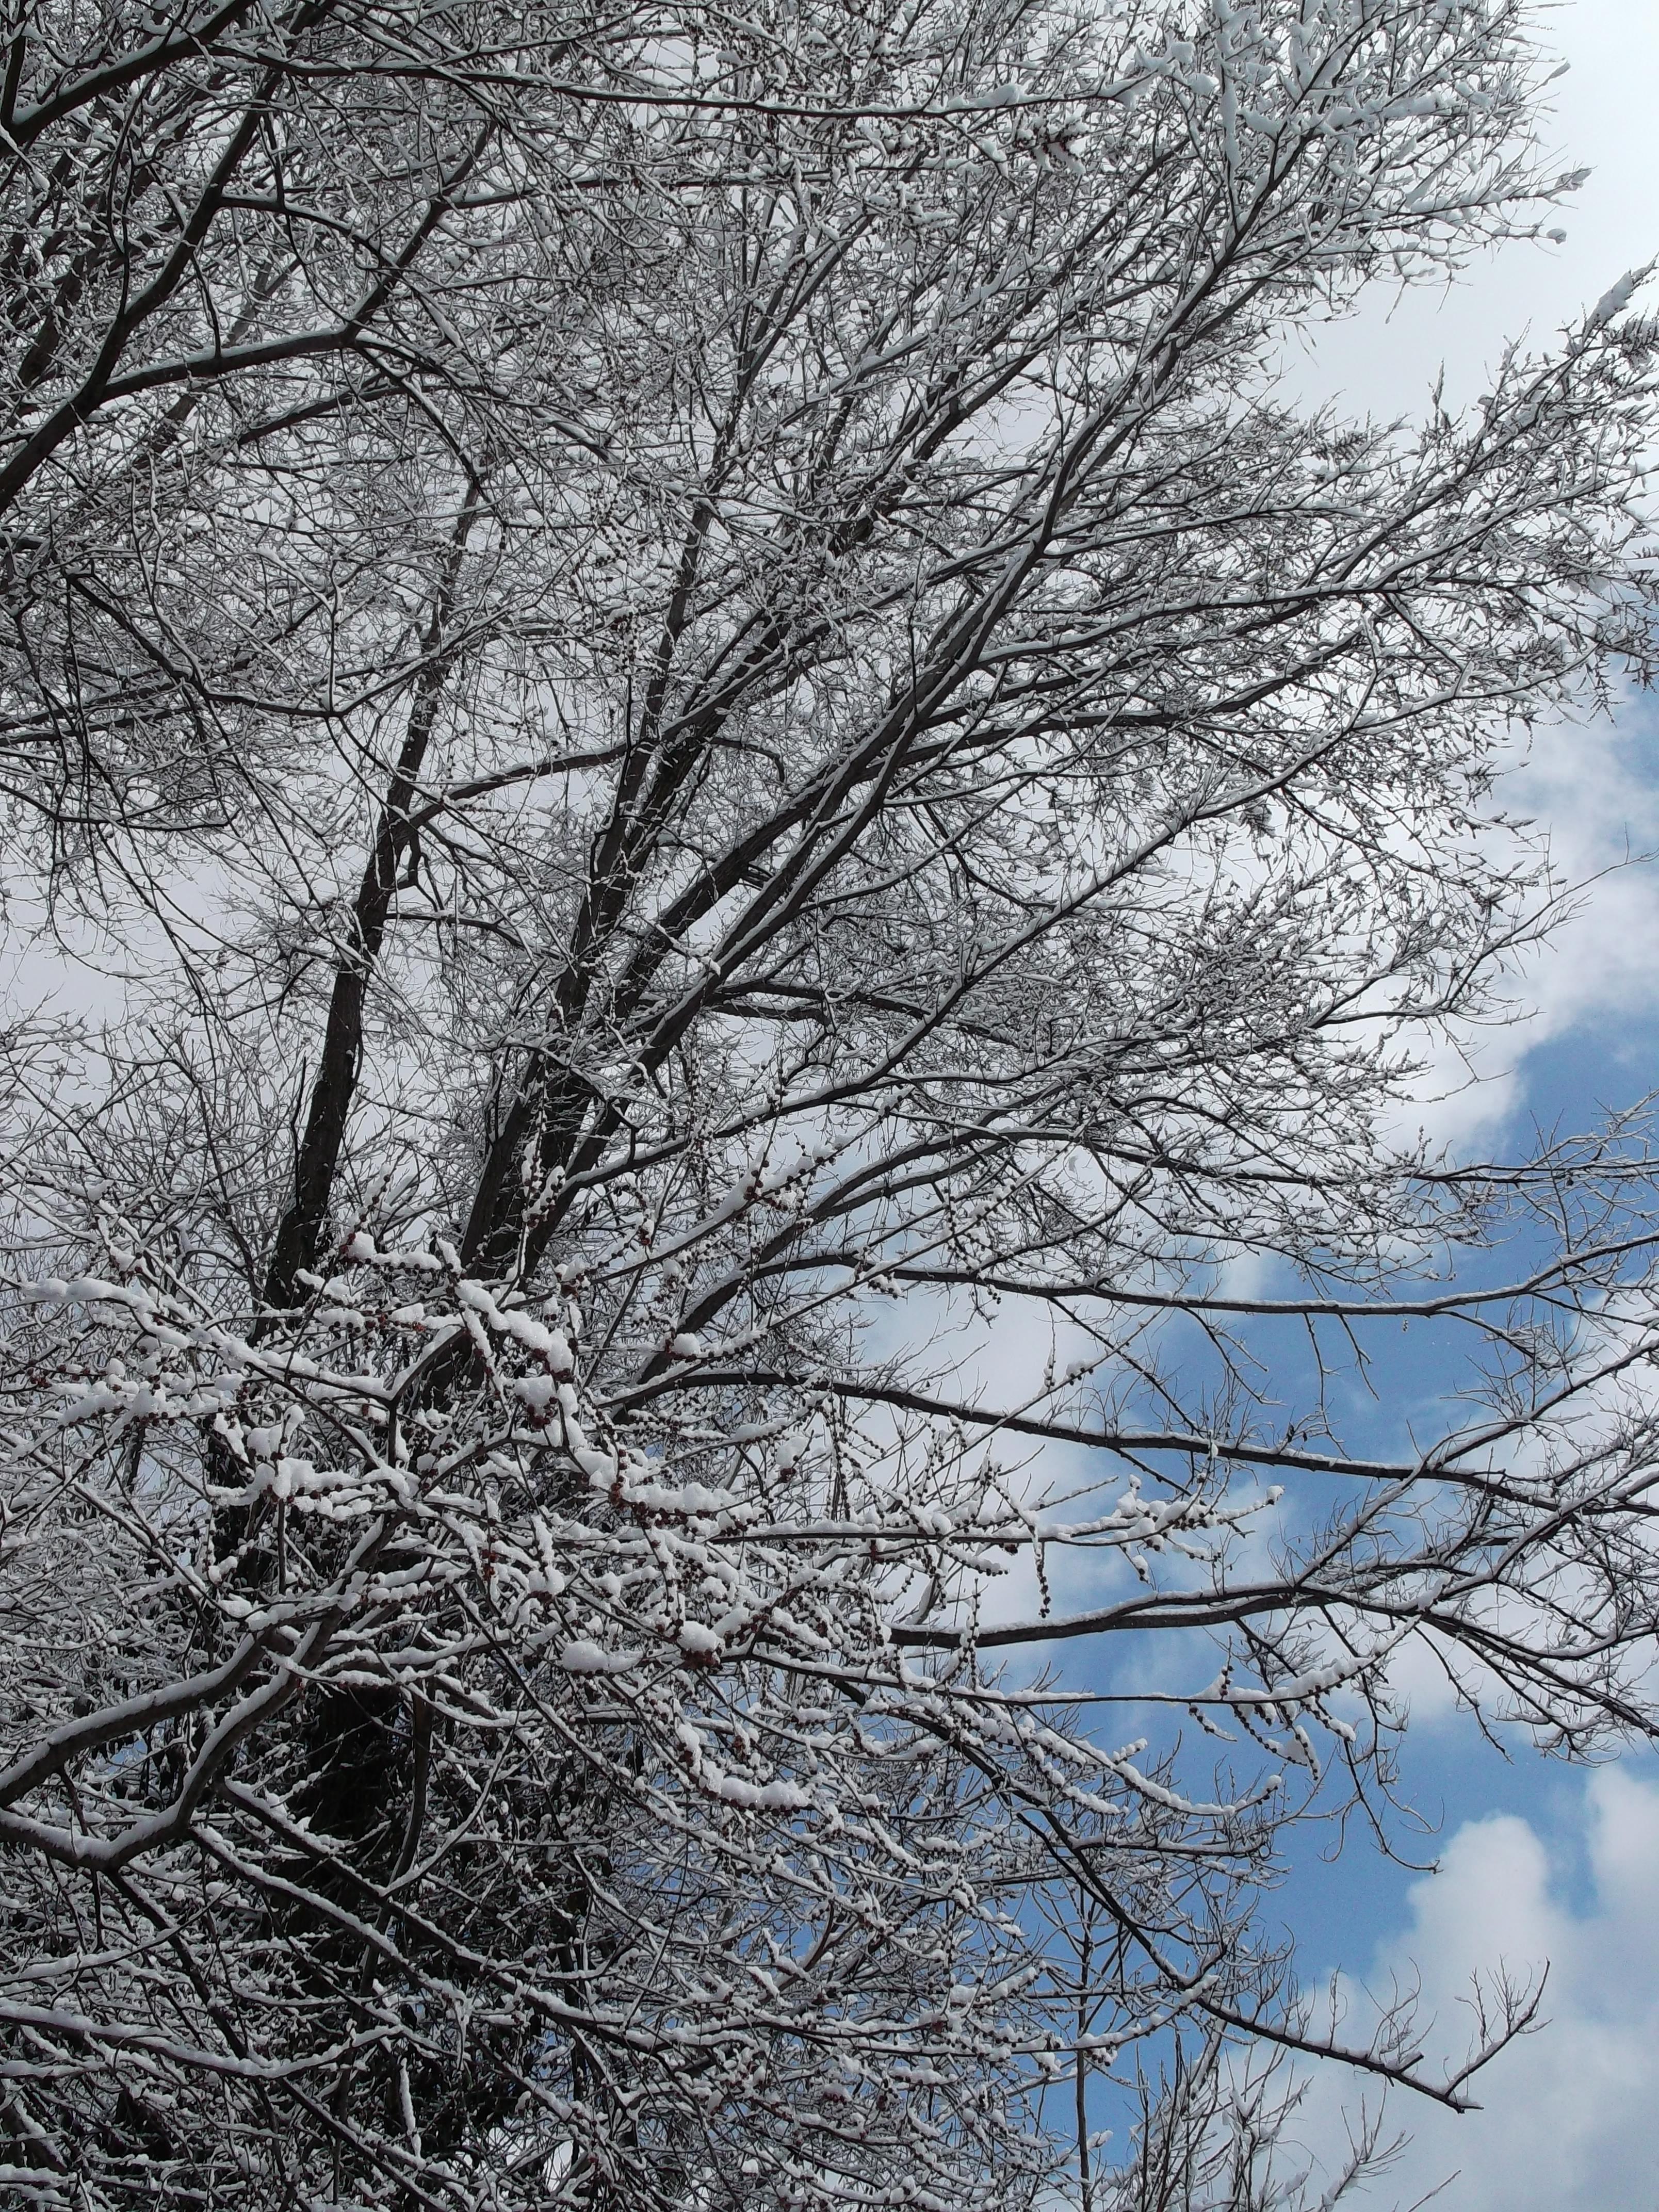 winter Wonderland 3 by rikumario